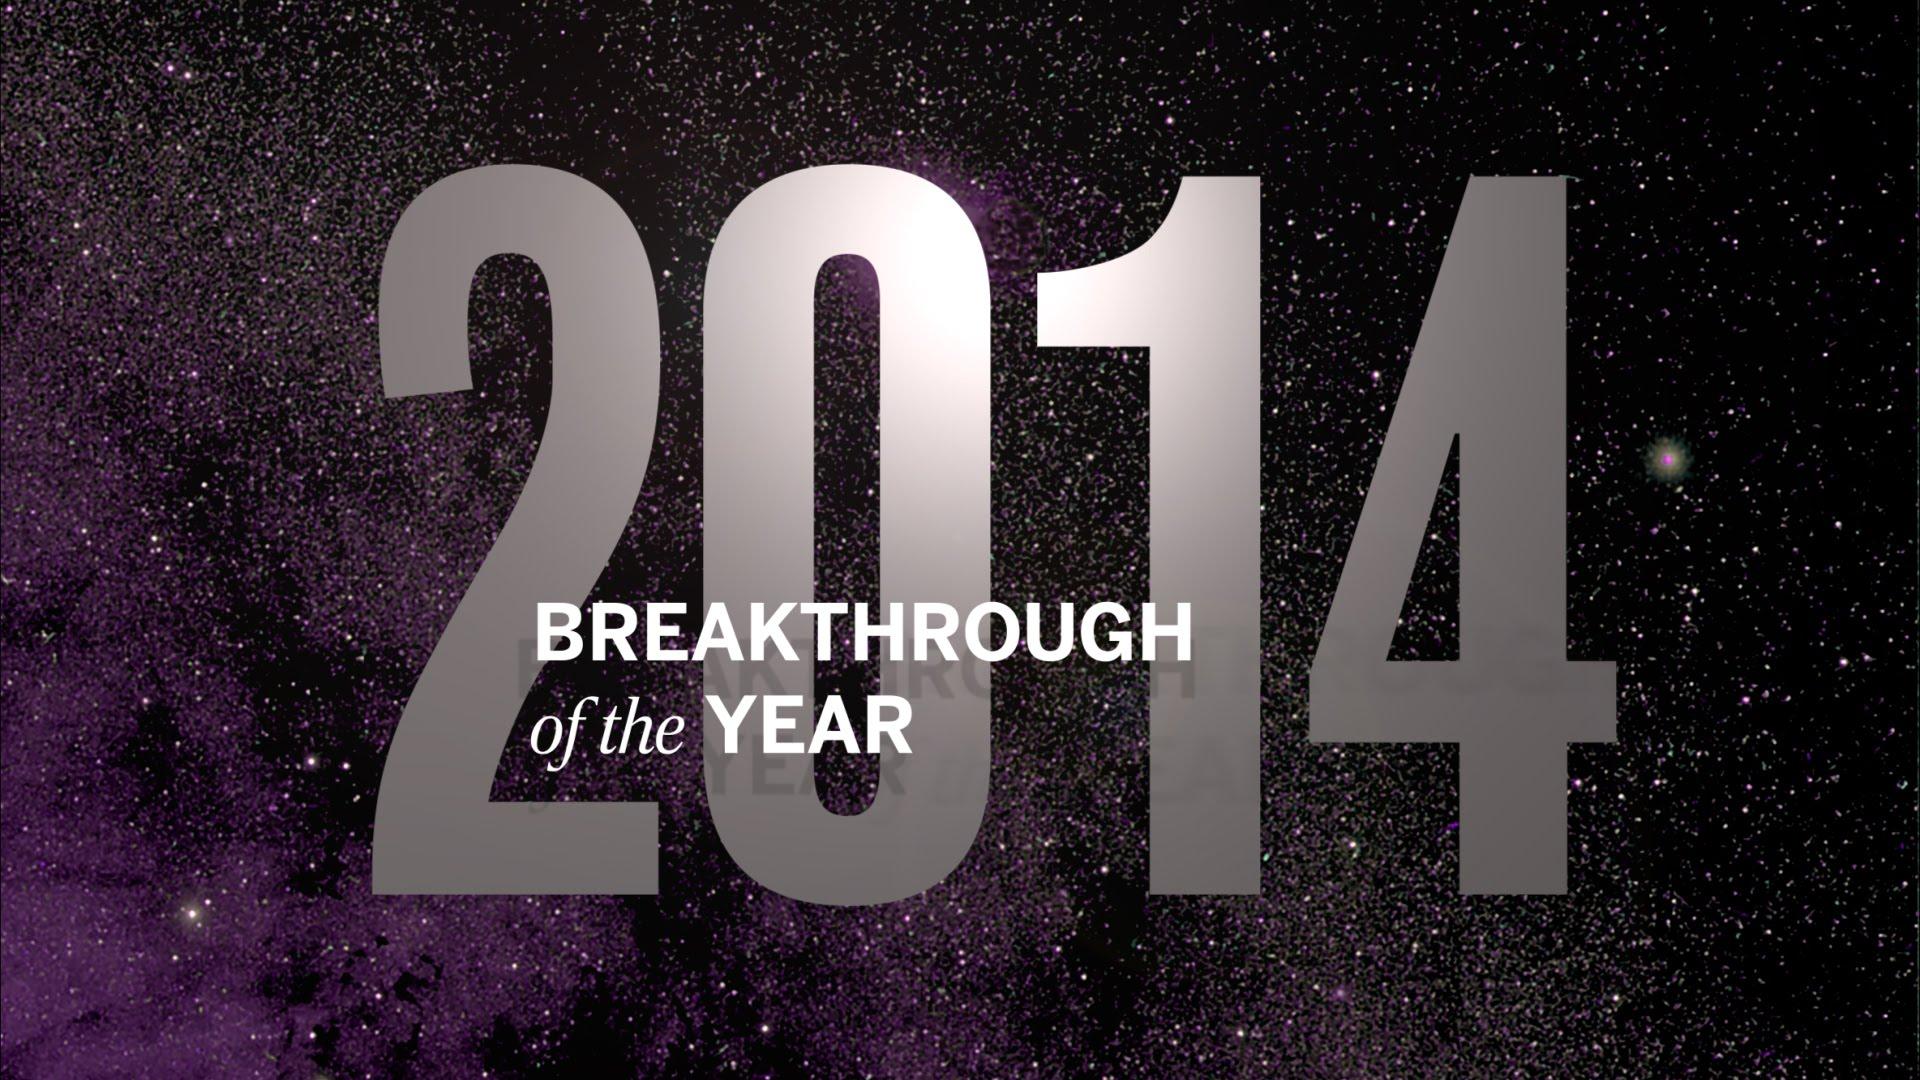 Top Science Breakthroughs of 2014